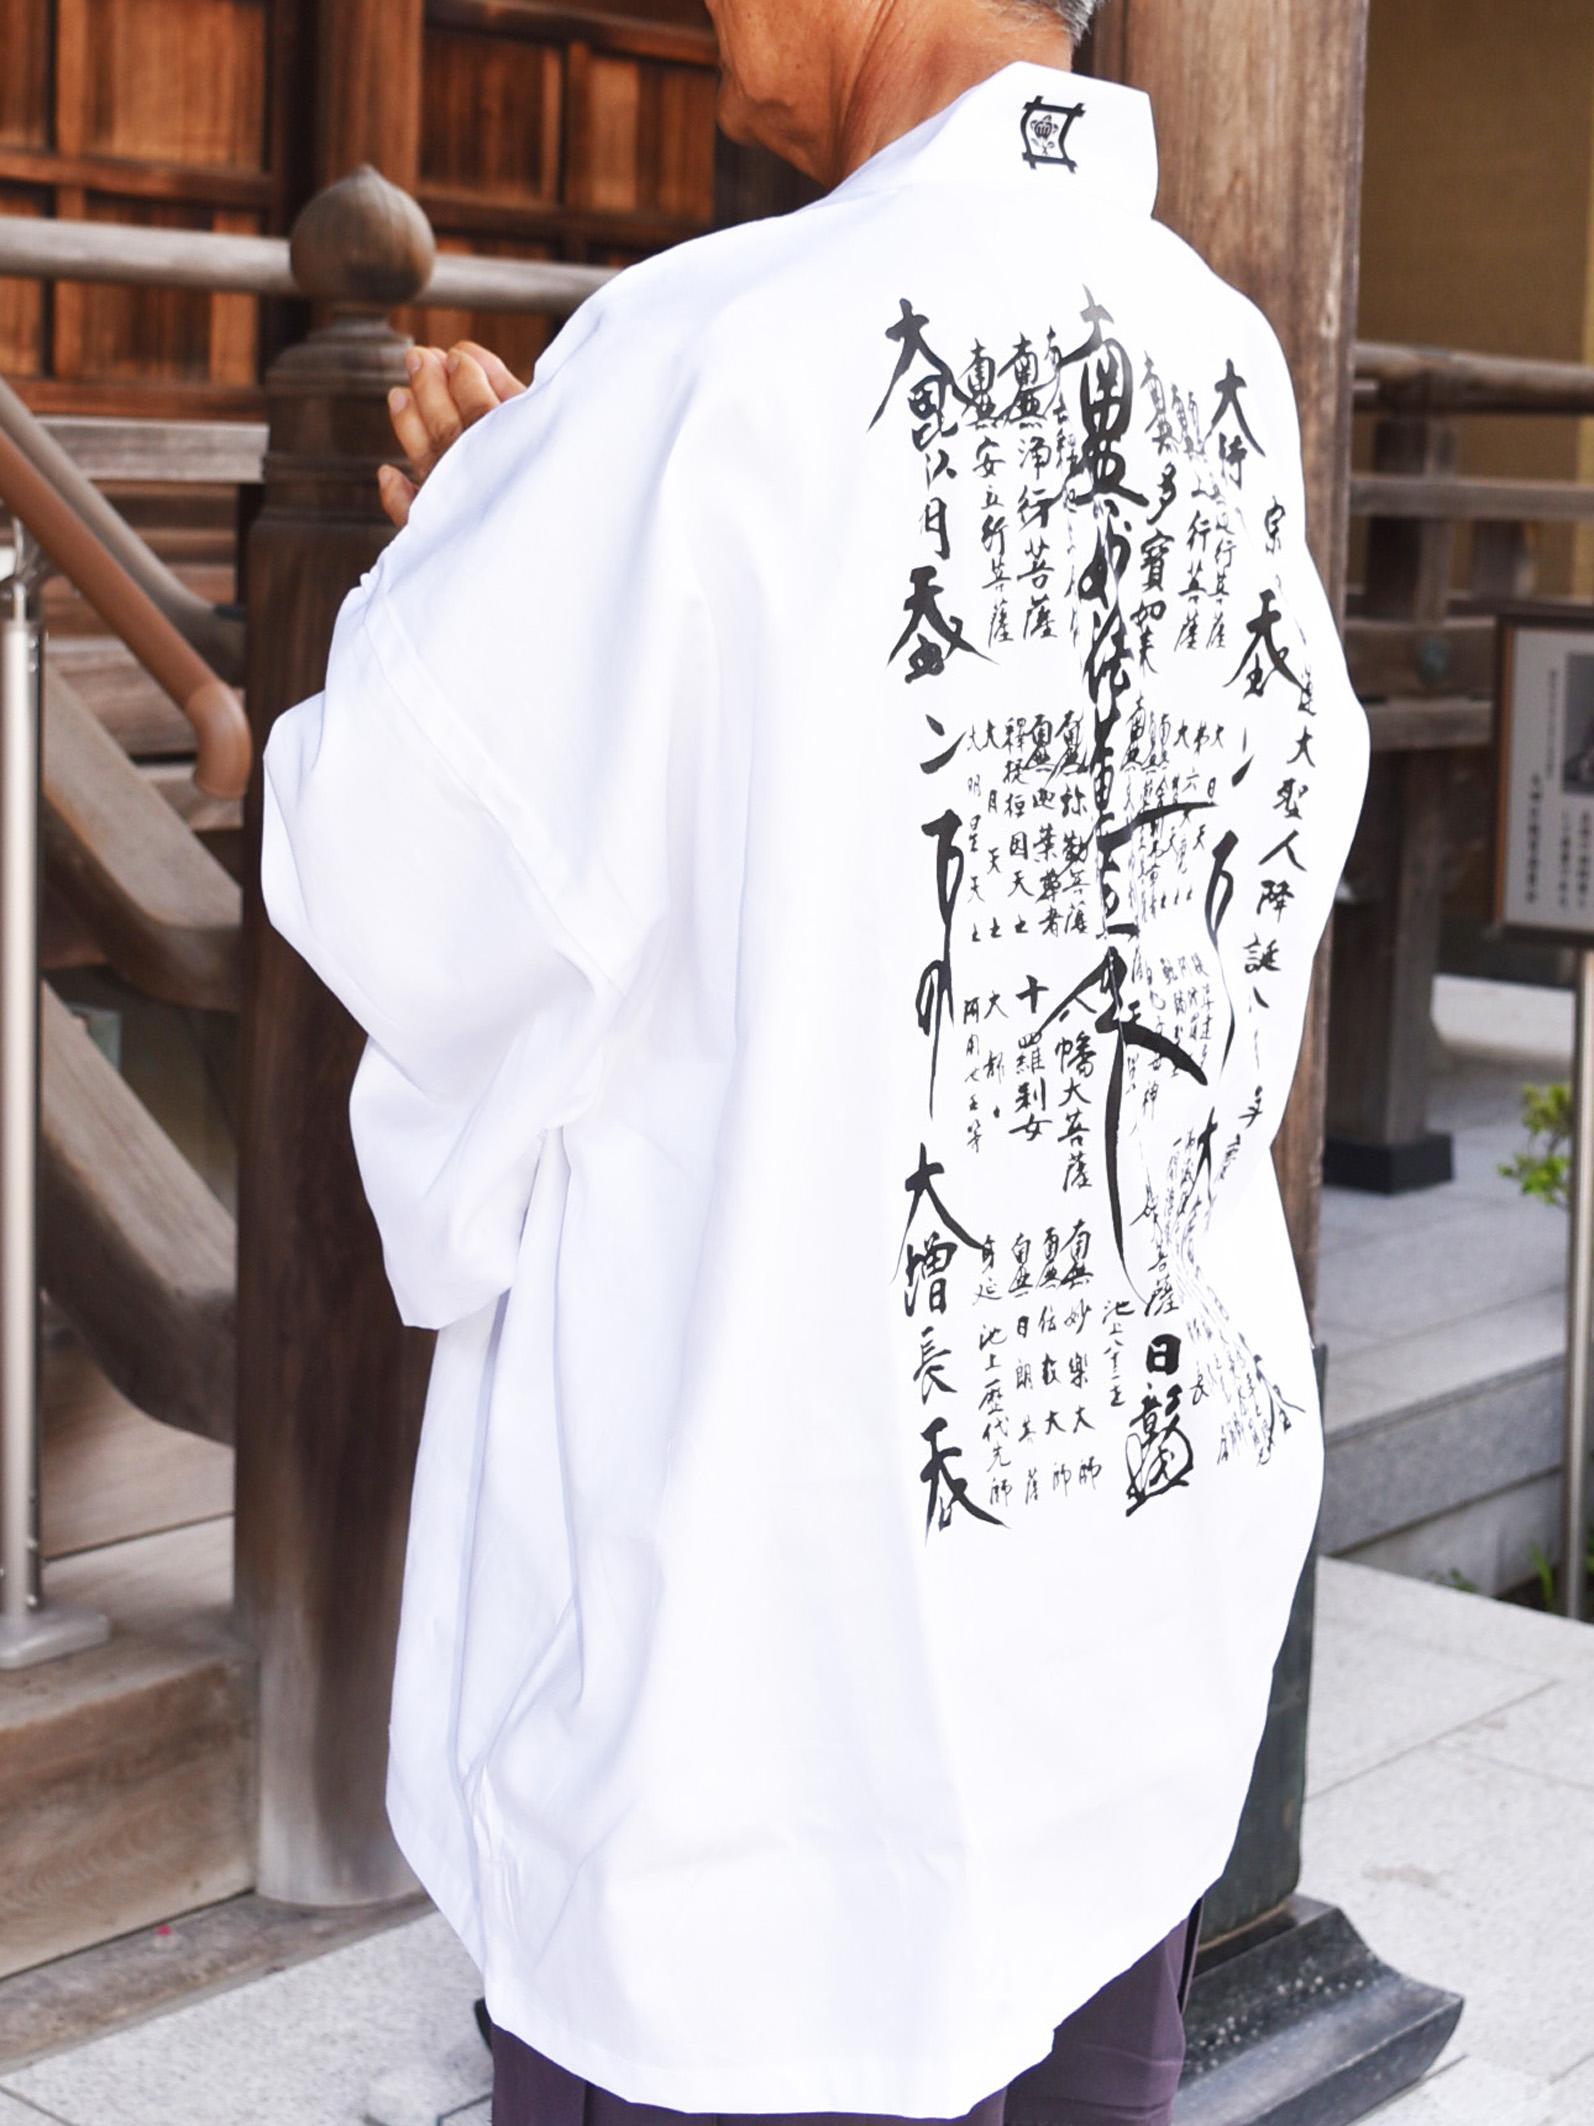 降誕800年慶讃行衣(菅野管長猊下)